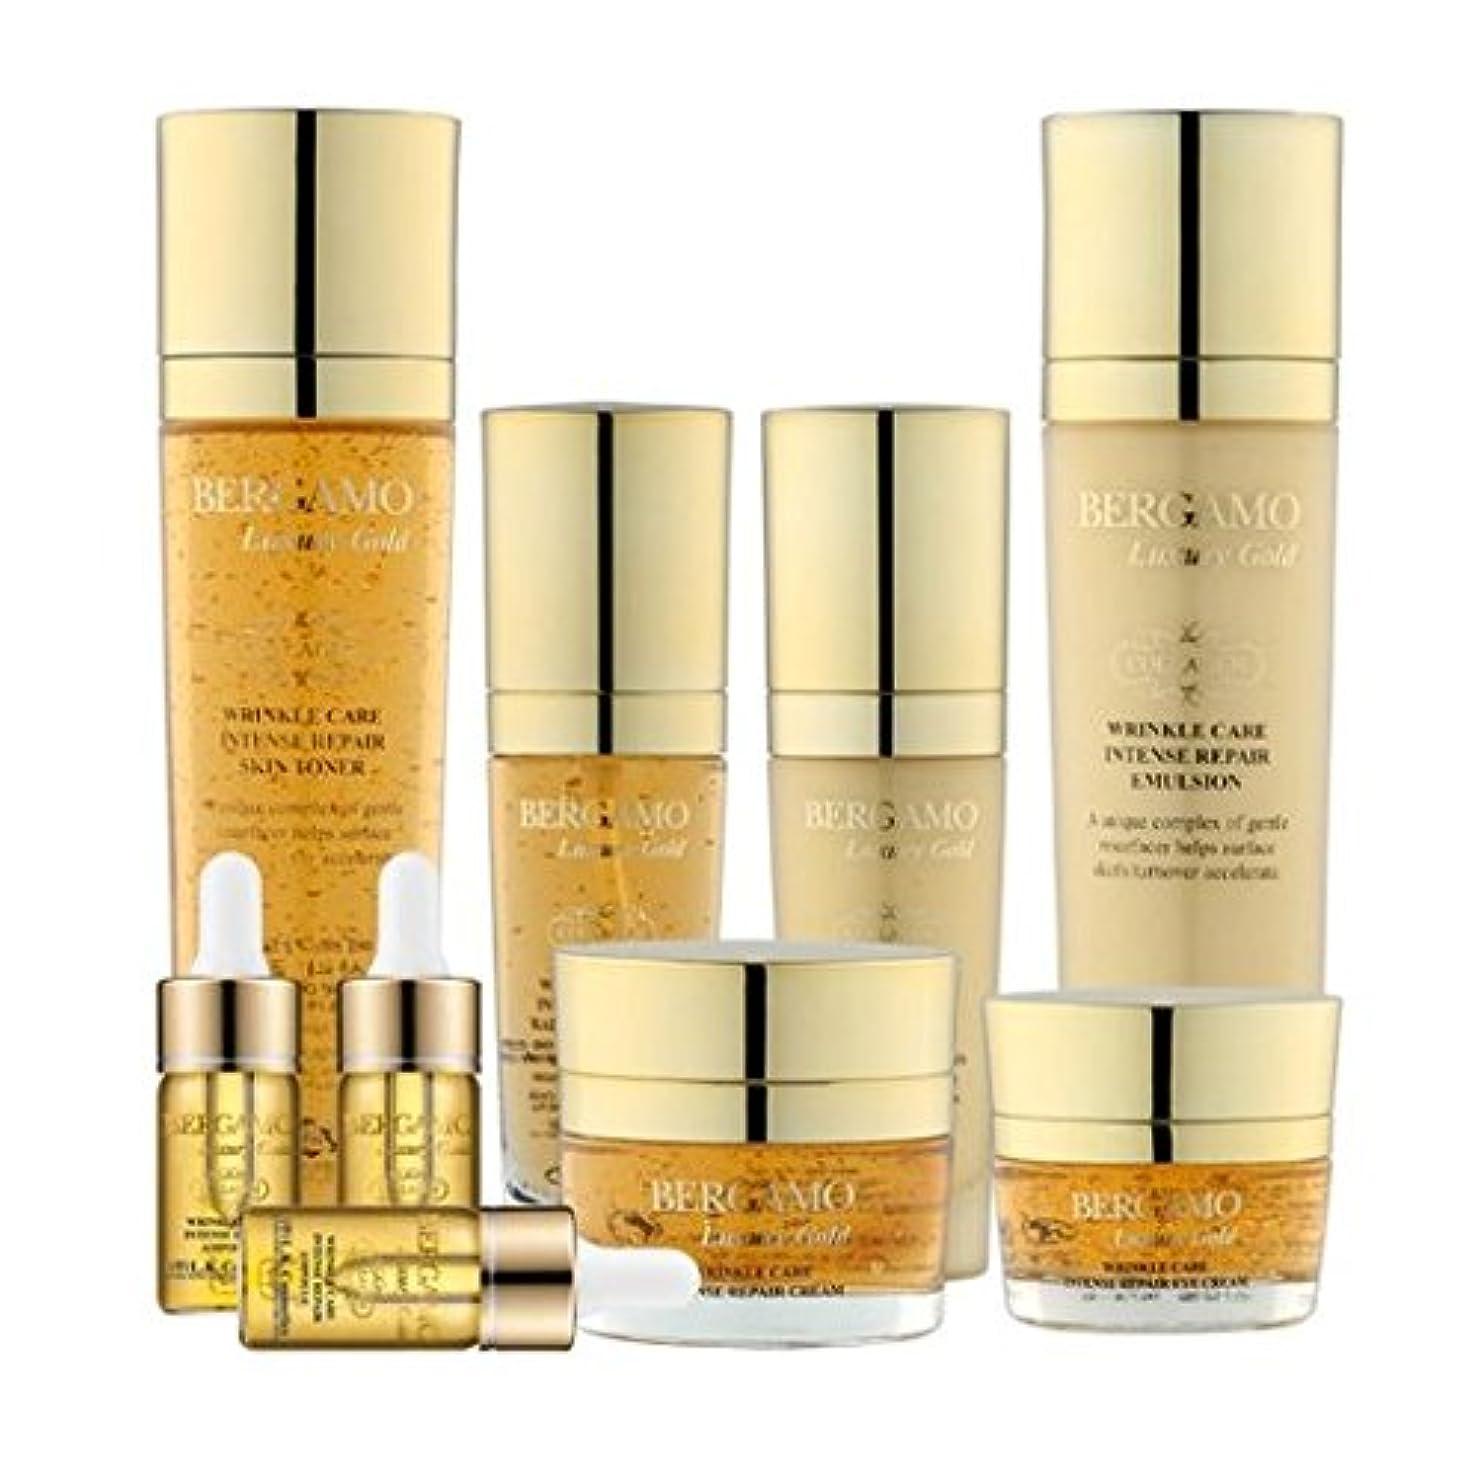 ケニア彼女はクランプベルガモ[韓国コスメBergamo]Luxury Gold Collagen Set ラグジュアリーゴールドコラーゲン9セット,ギフトセット,トナー,エマルジョン,エッセンス、アイクリーム、クリーム、アンプル [並行輸入品]